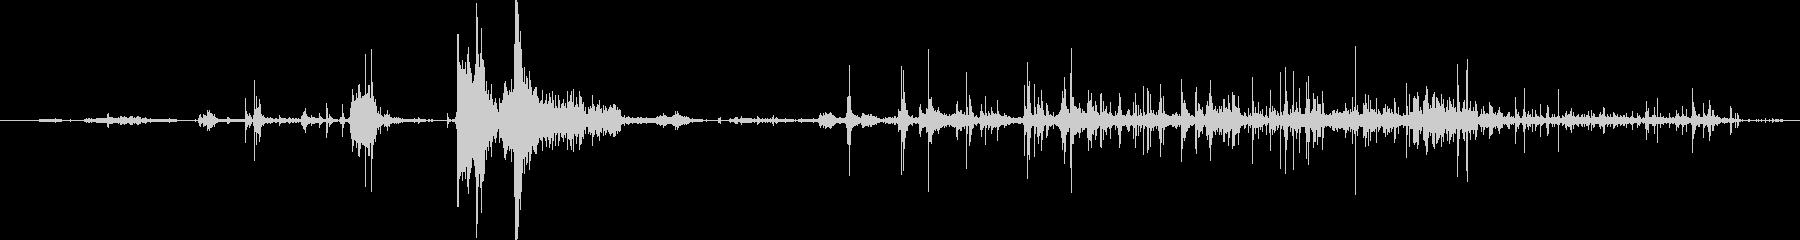 紙のパッド:シングルシートとクラム...の未再生の波形